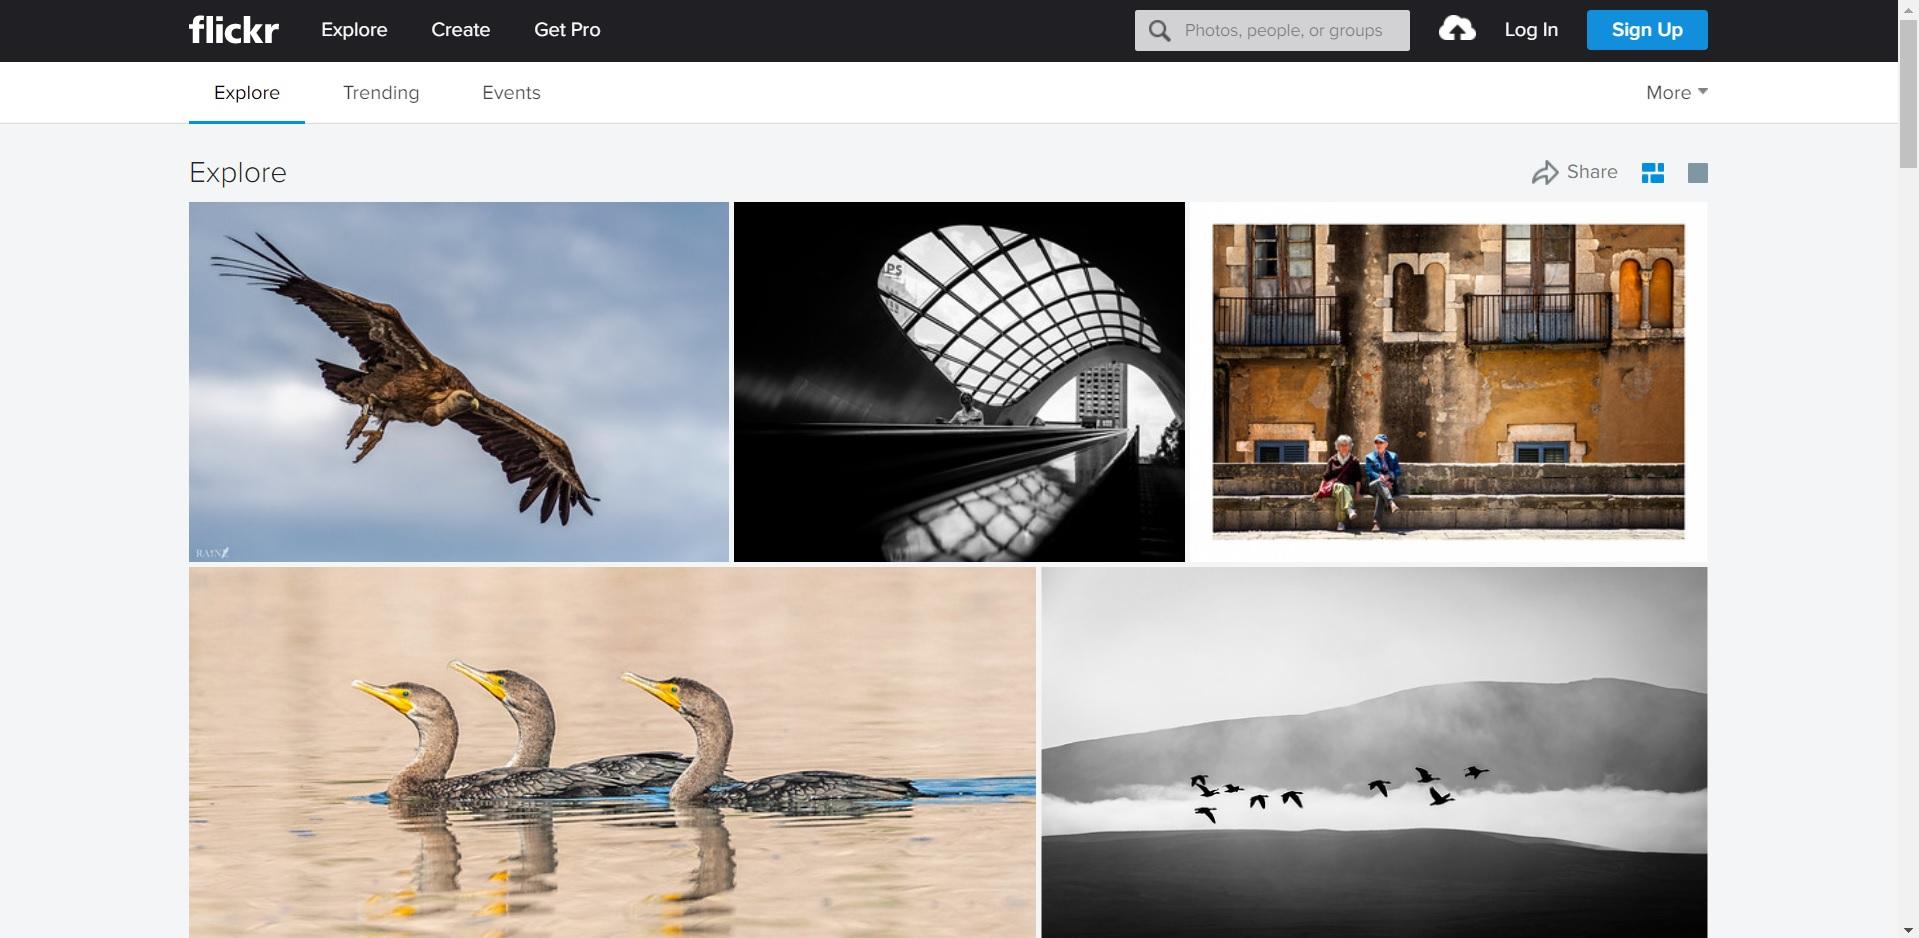 Flickr - Best website for royalty free images